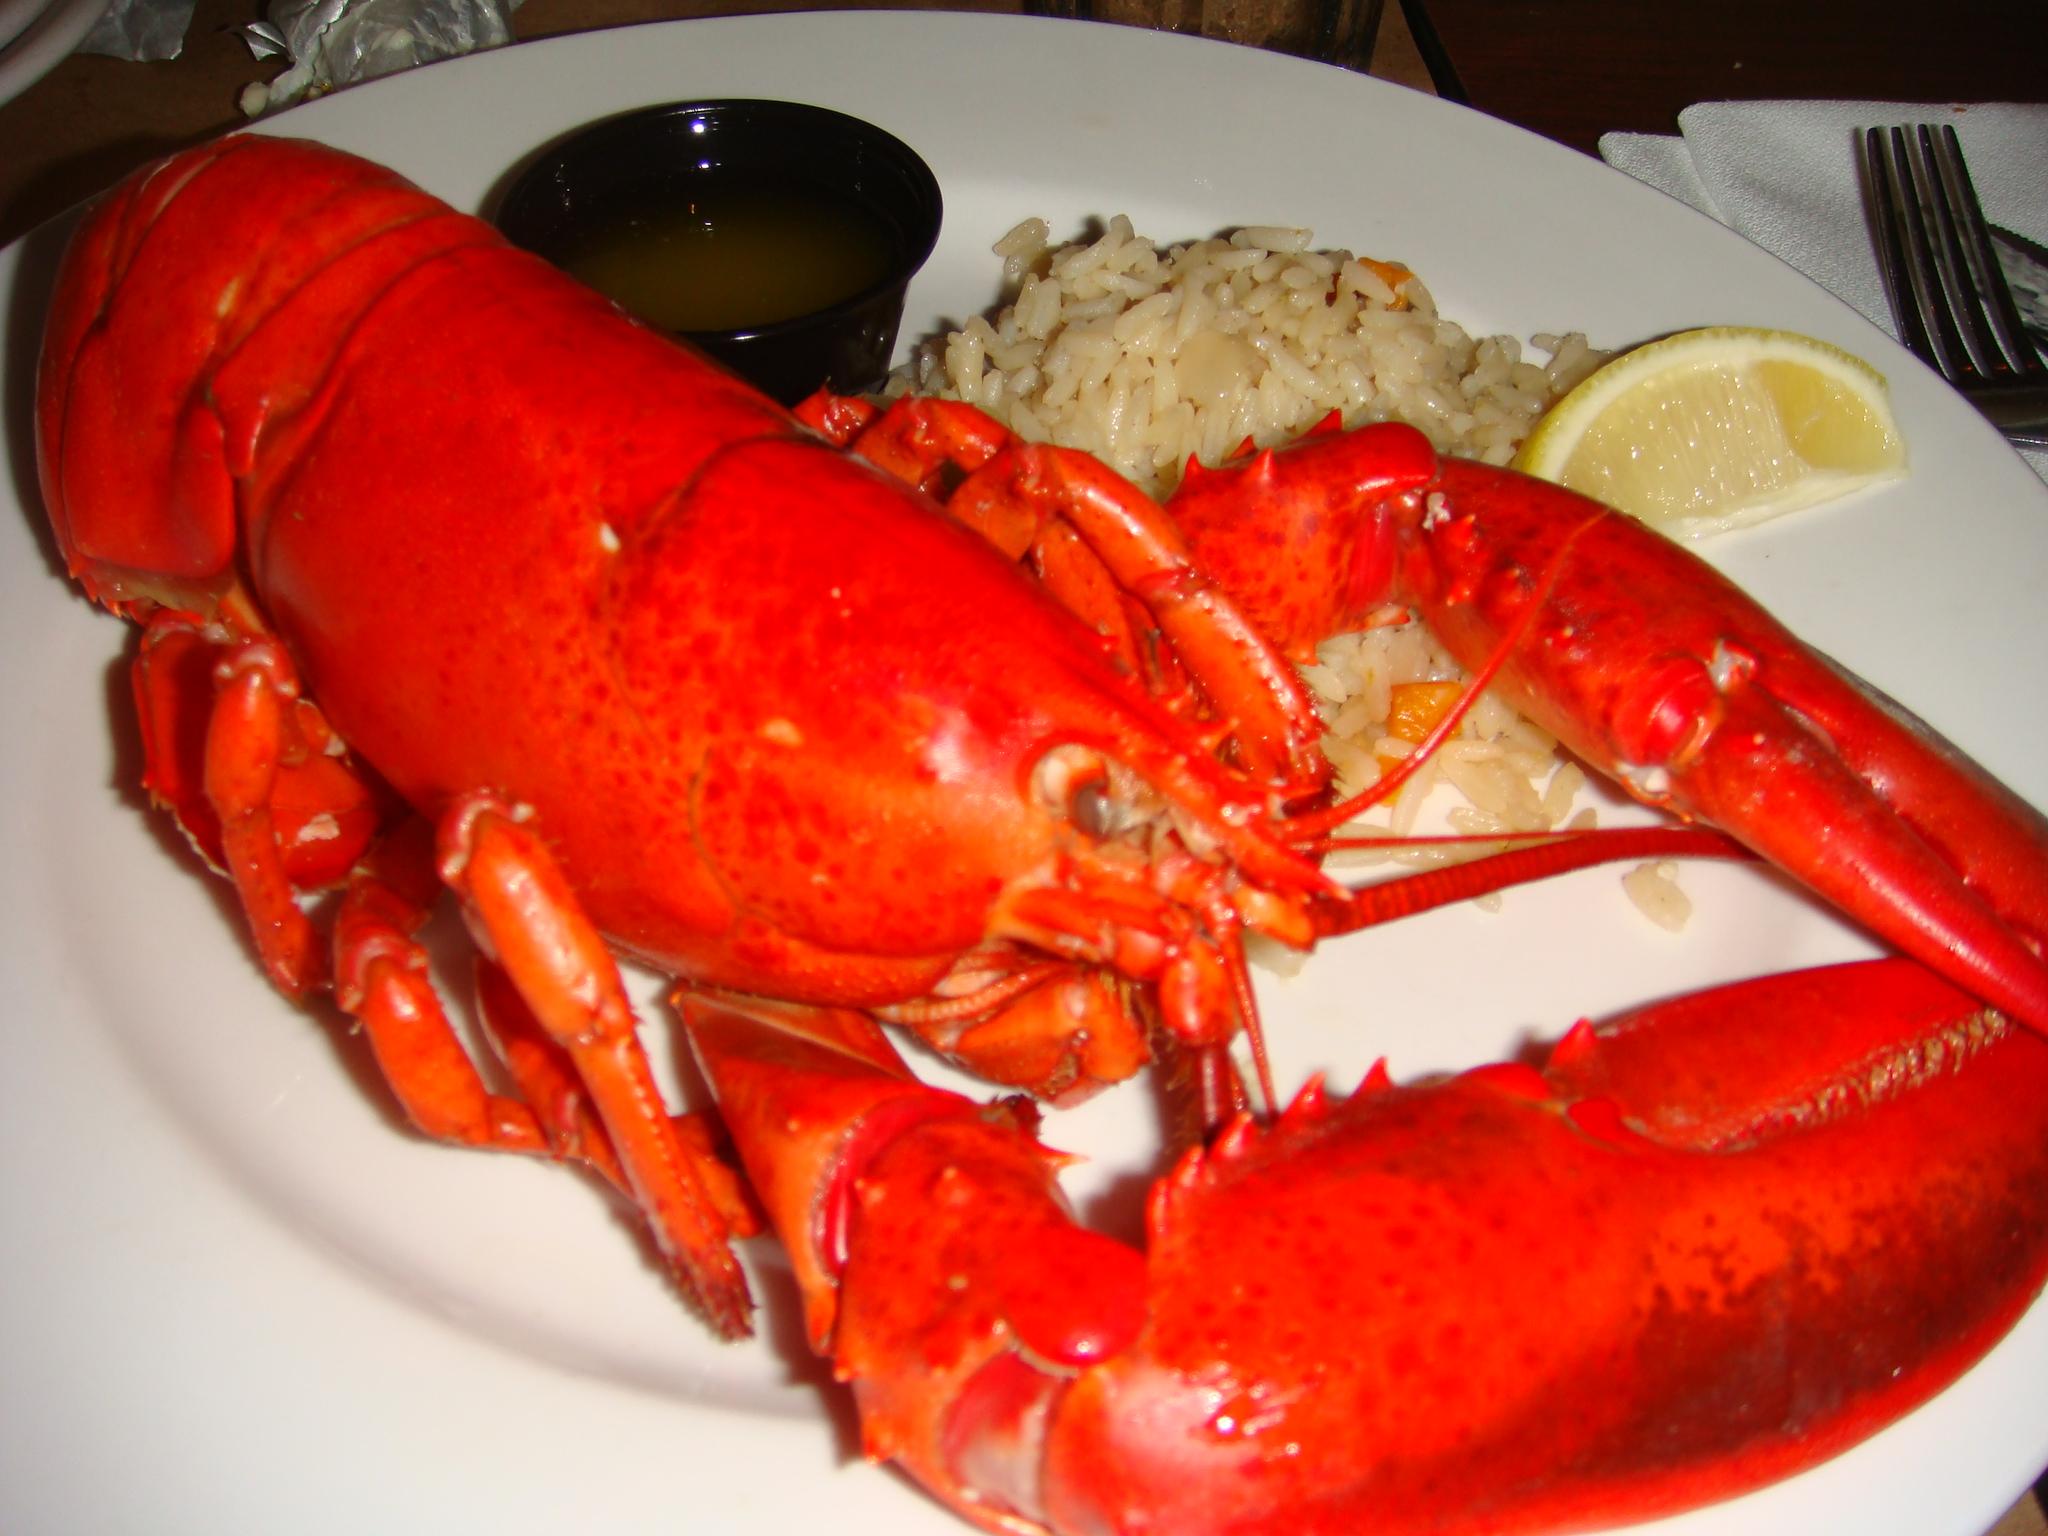 Как готовить лобстеров и омаров Выбираем и готовим омаров Продукты 91